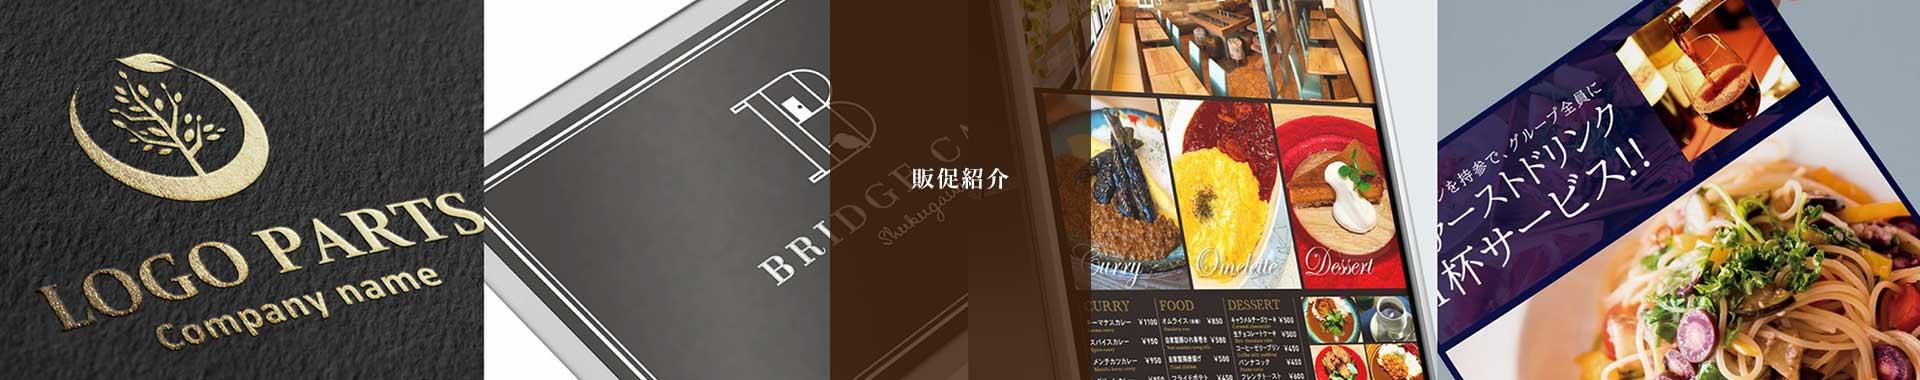 お客様の声|東京神奈川の飲食店設計施工のHACOLABO(ハコラボ)(商業空間デザイン・舞台美術造形・ロゴイラストデザイン等)